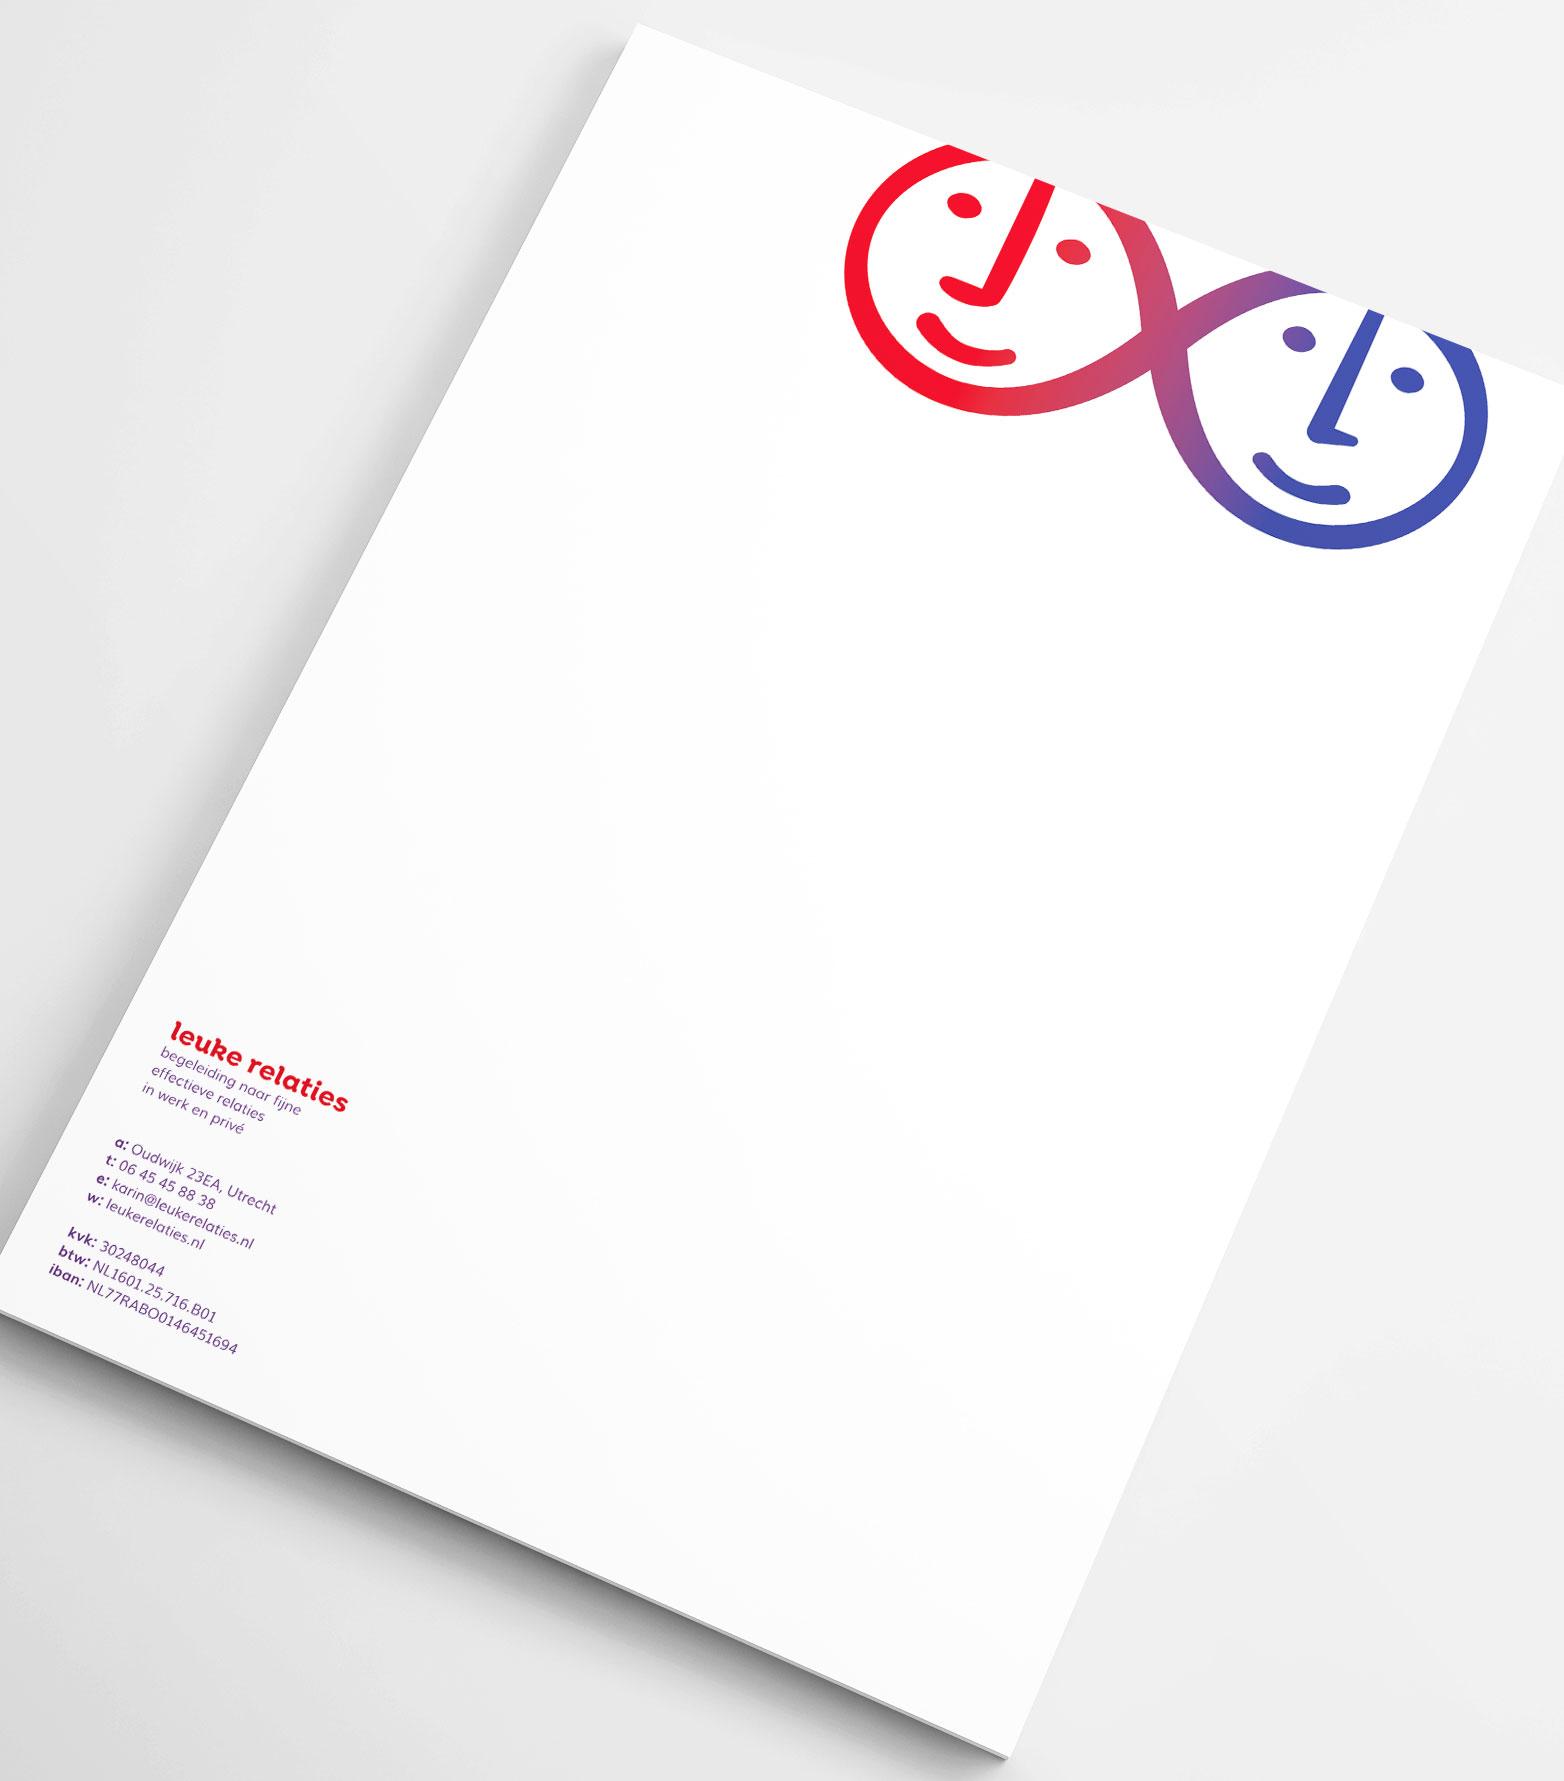 briefpapier-Leuke-Relaties